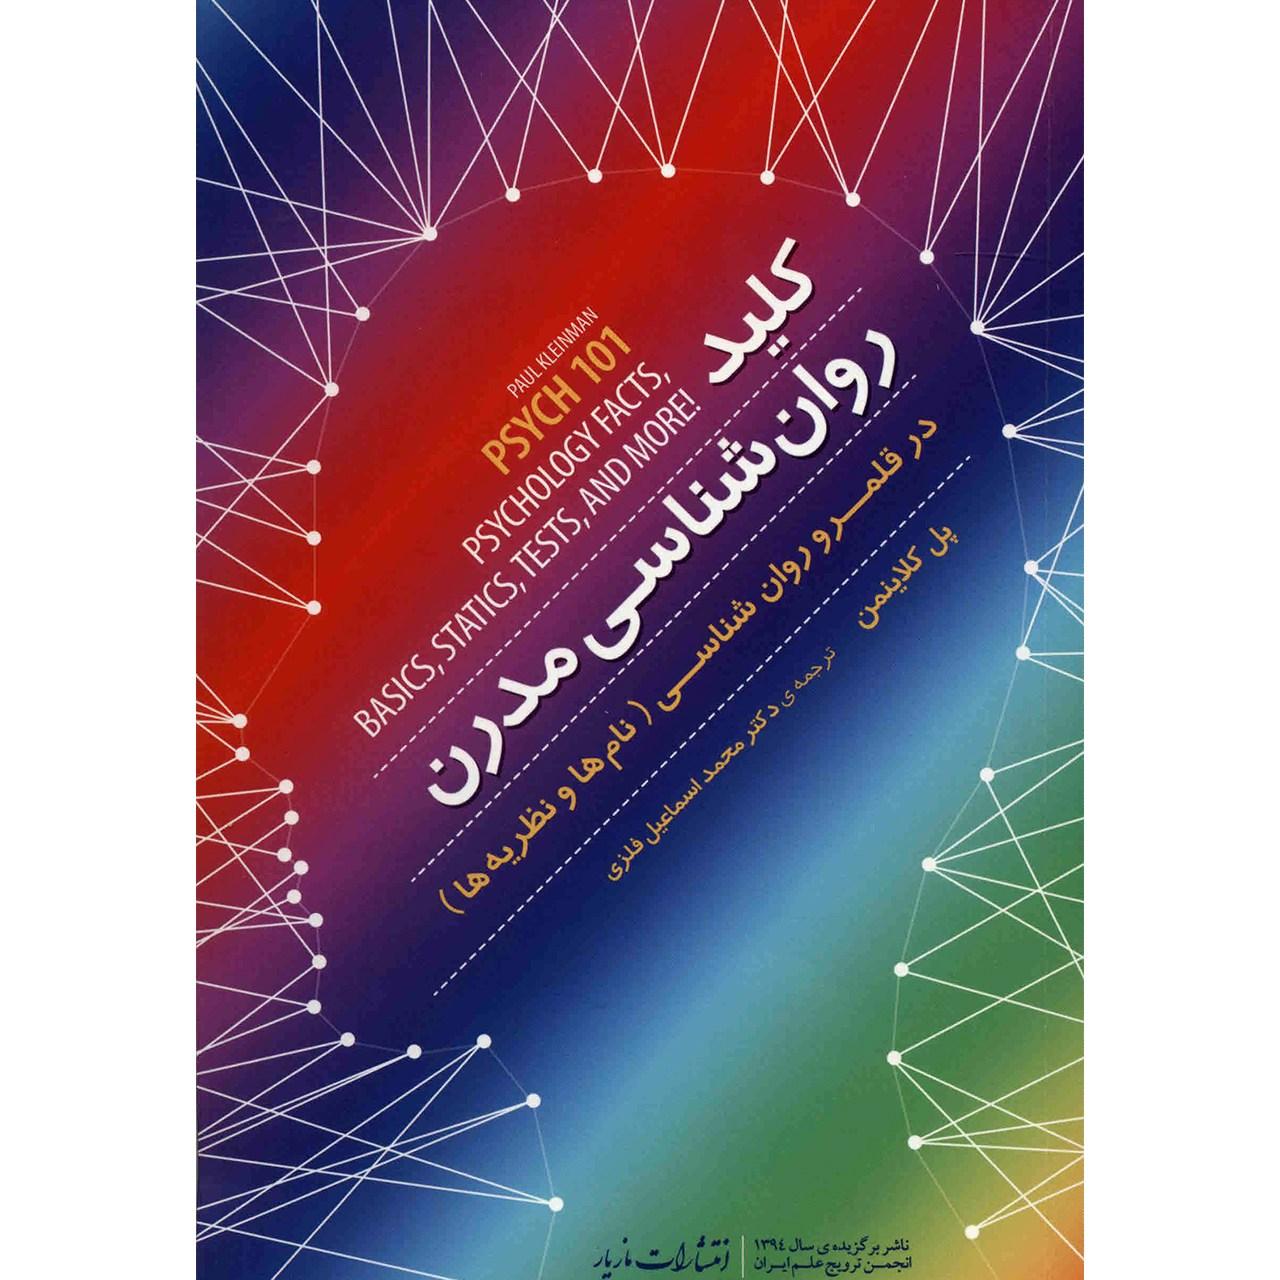 کتاب کلید روانشناسی مدرن اثر پل کلایمن